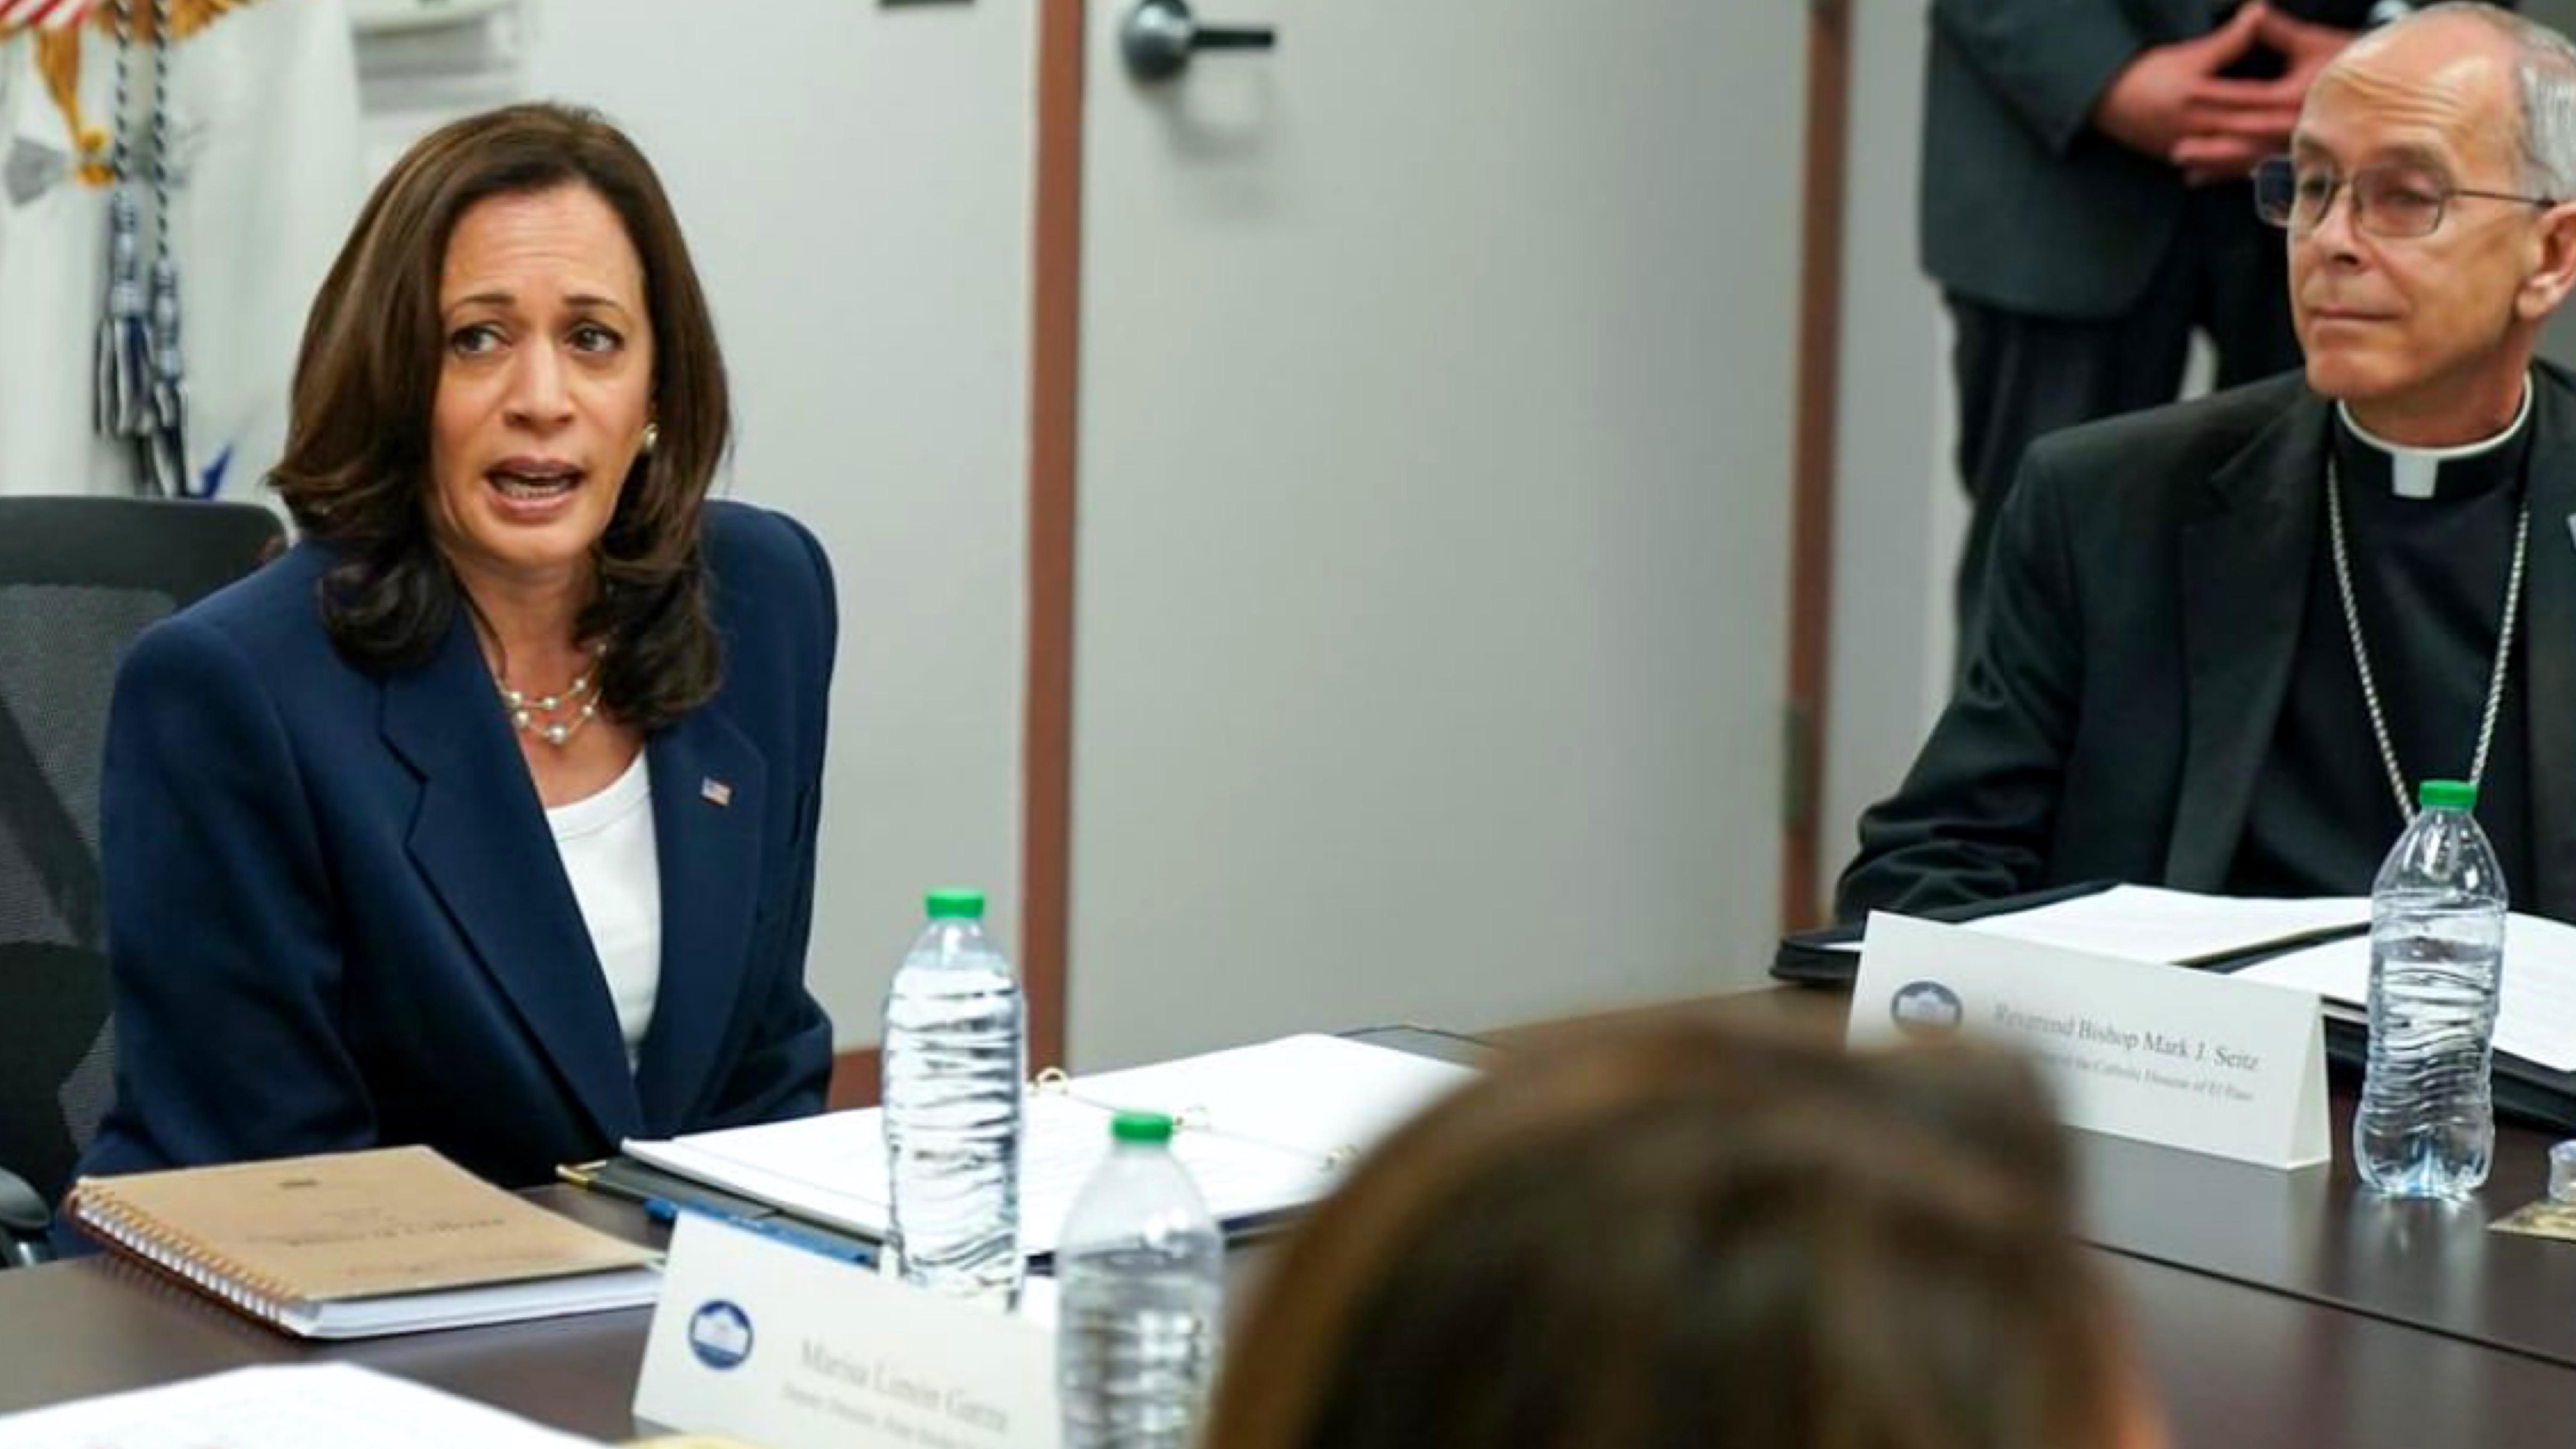 Kamala-Harris-vicepresidenta-de-Estados-Unidos-reunion-con-grupos-religiosos-abogados-y-comunitarios-pro-migrantes-en-El-Paso-Texas